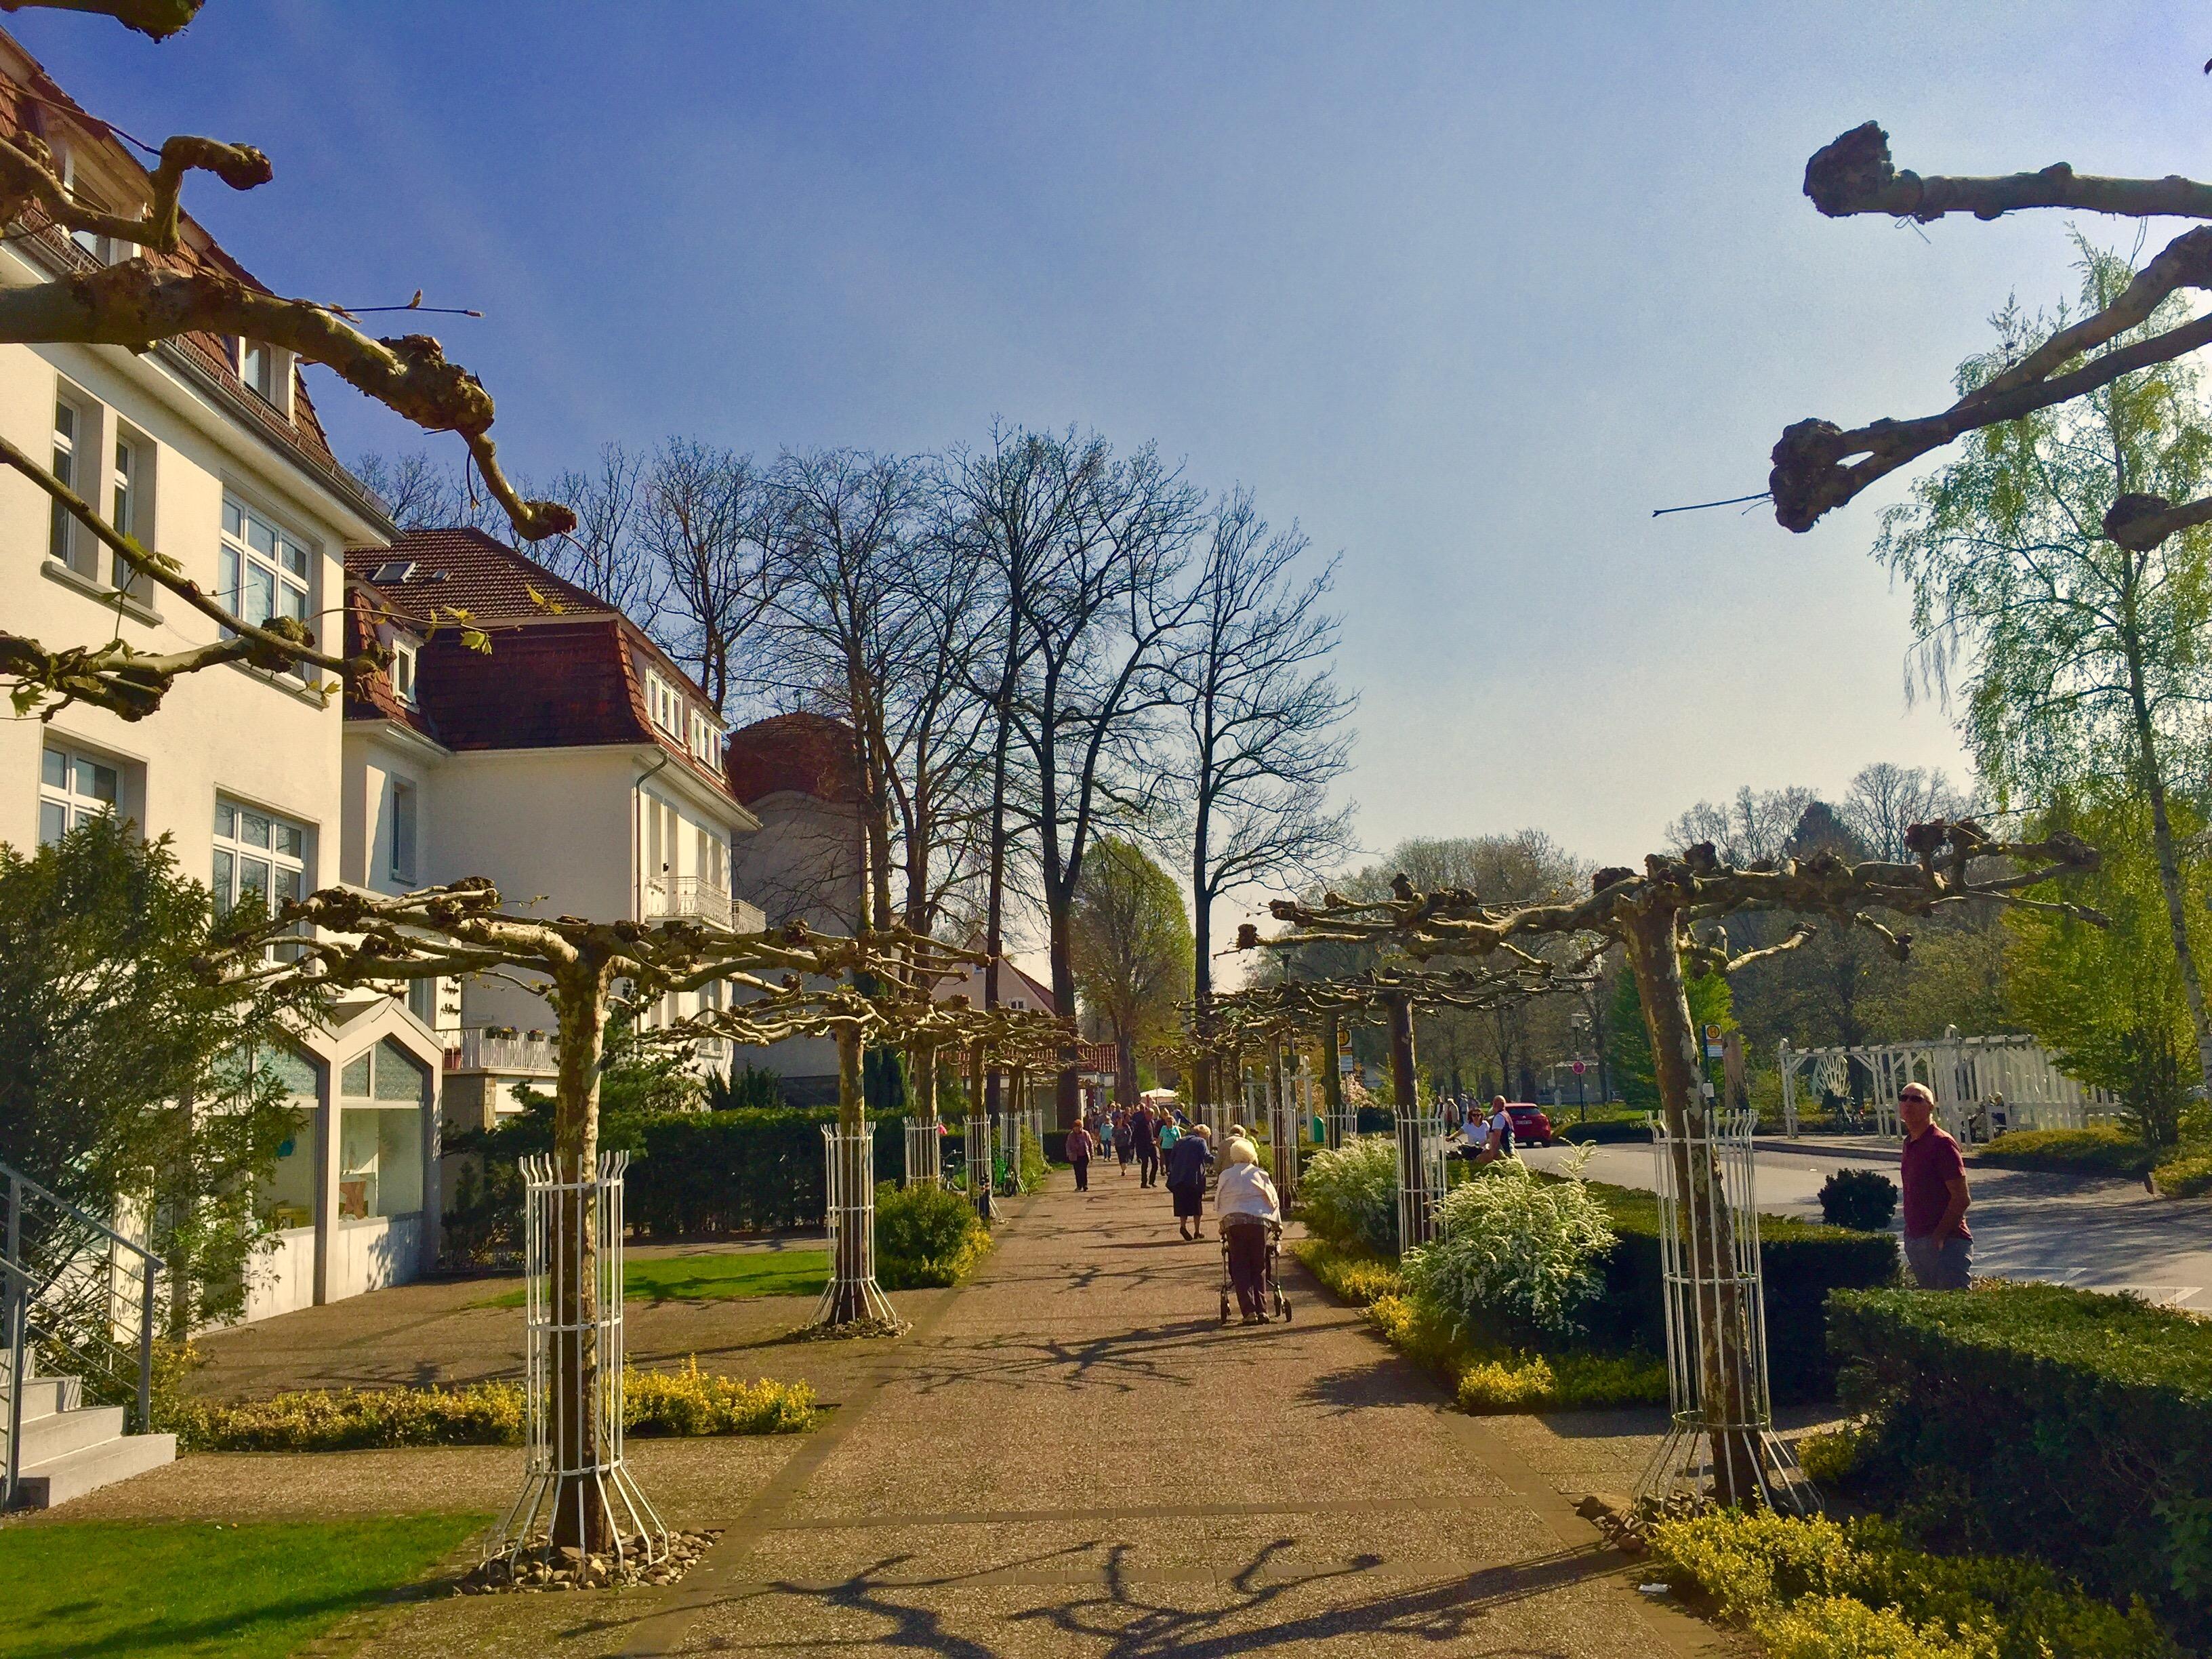 urlaubsreif! Urlaub in Lippstadt und Umgebung - stressfrei, kostenlos, einfach Hotel buchen